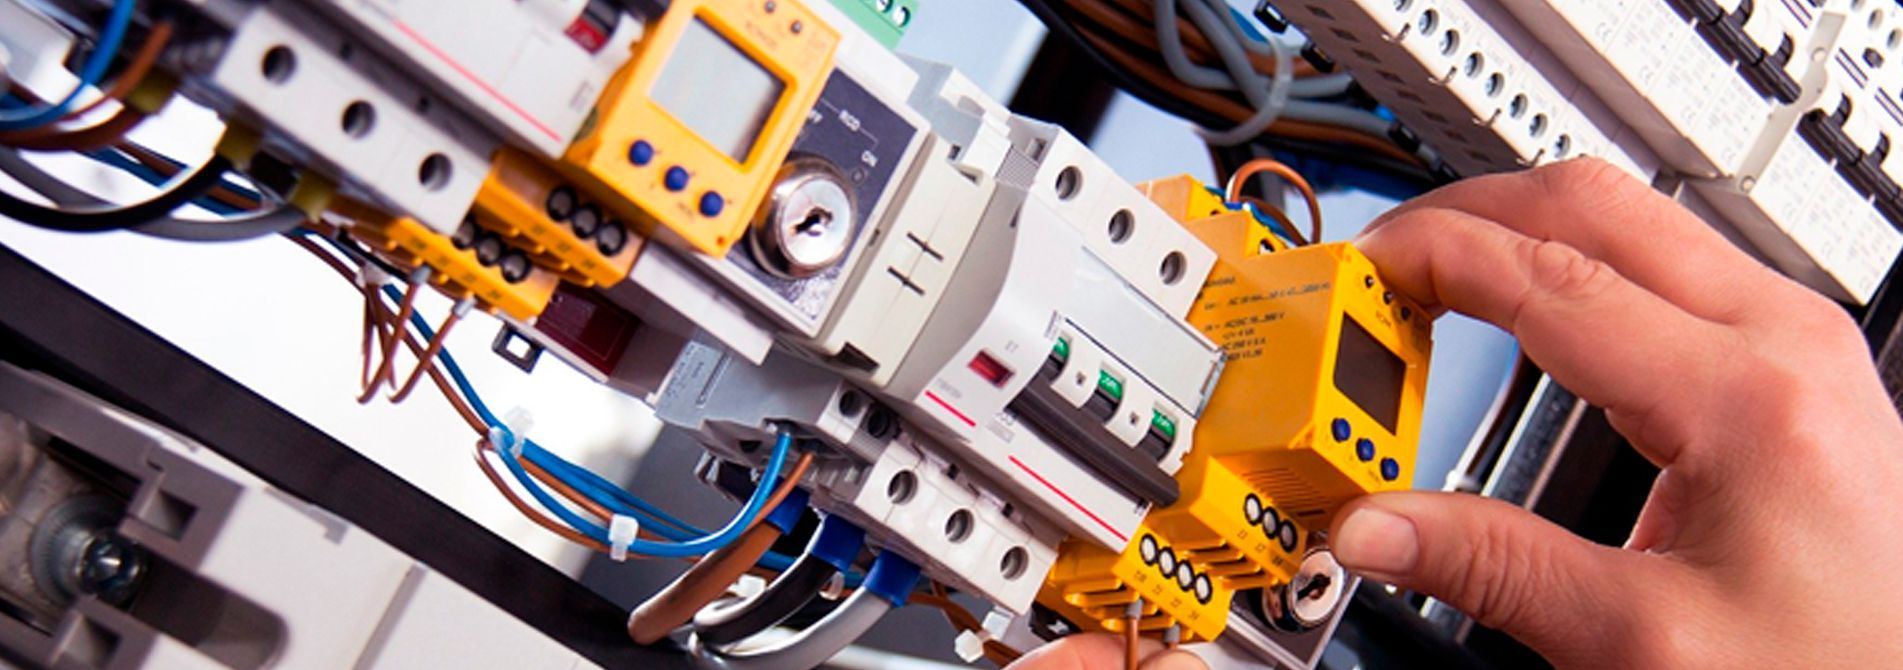 cabecera-instalaciones-baja-tension Instalaciones baja tensión